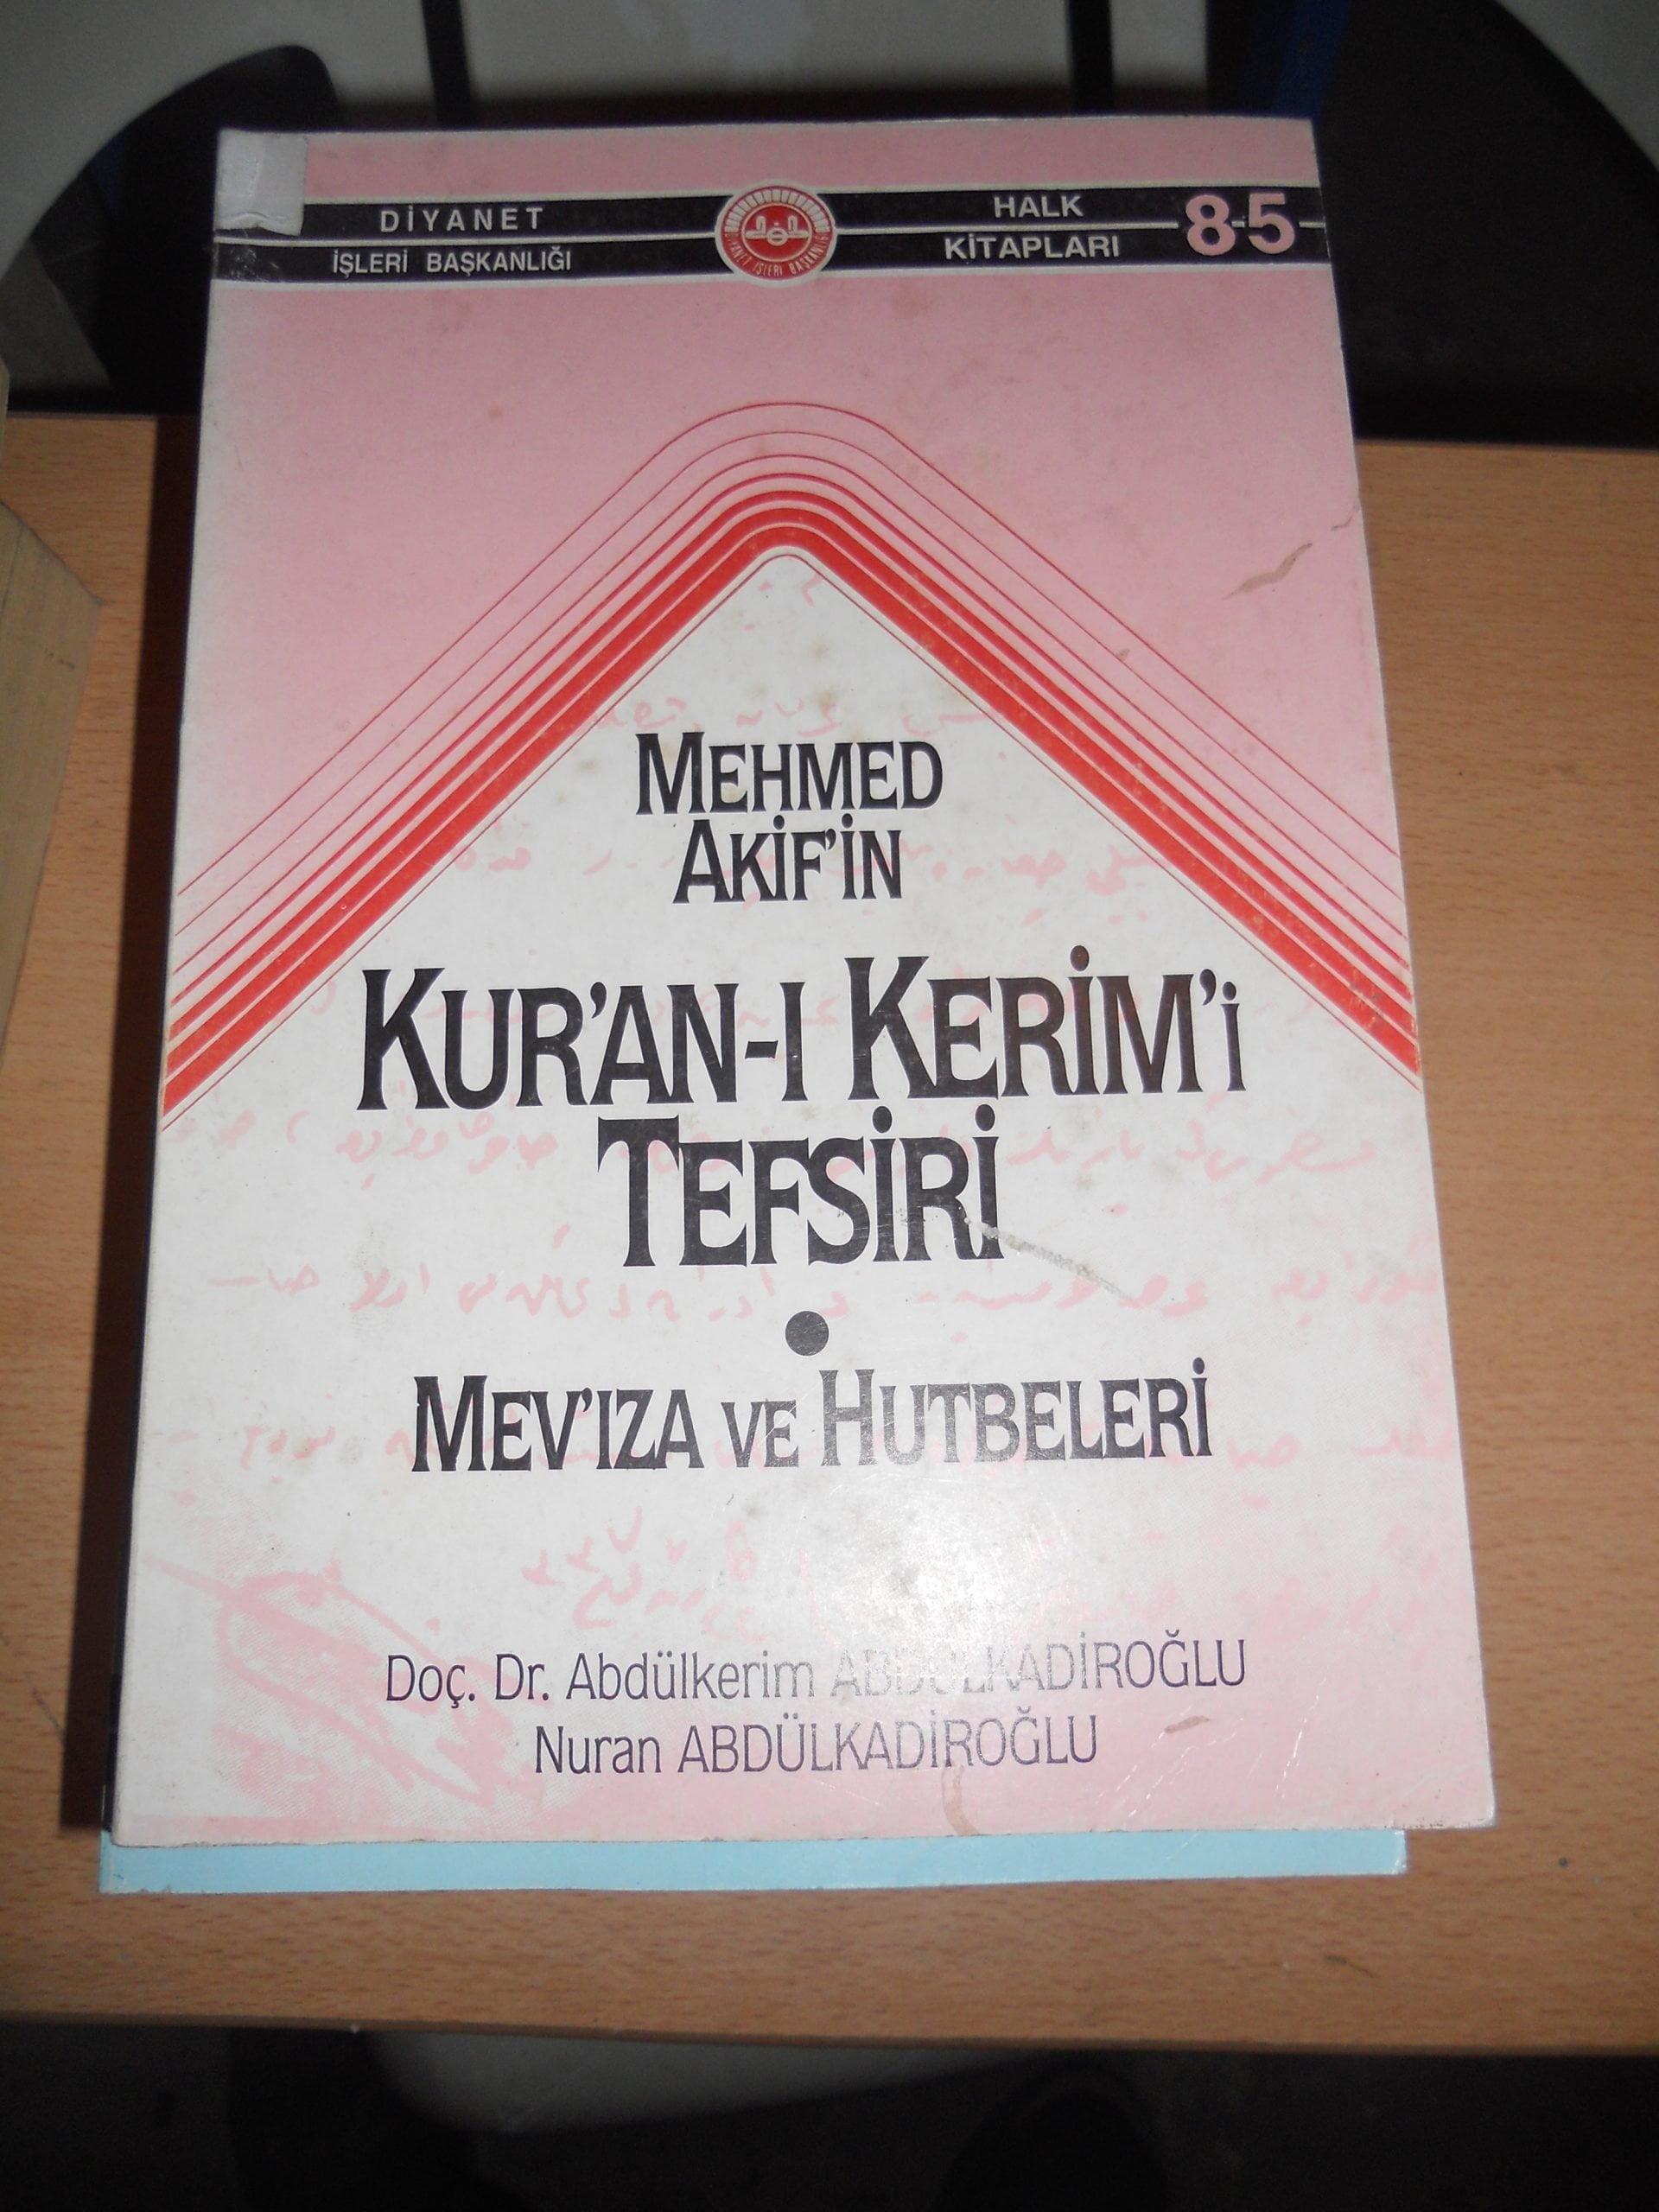 Mehmed Akif'in KUR'AN'I KERİM'İ TEFSİRİ-Mev'ıza ve Hutbeleri/A.Abdulkadiroğlu/ 10 TL